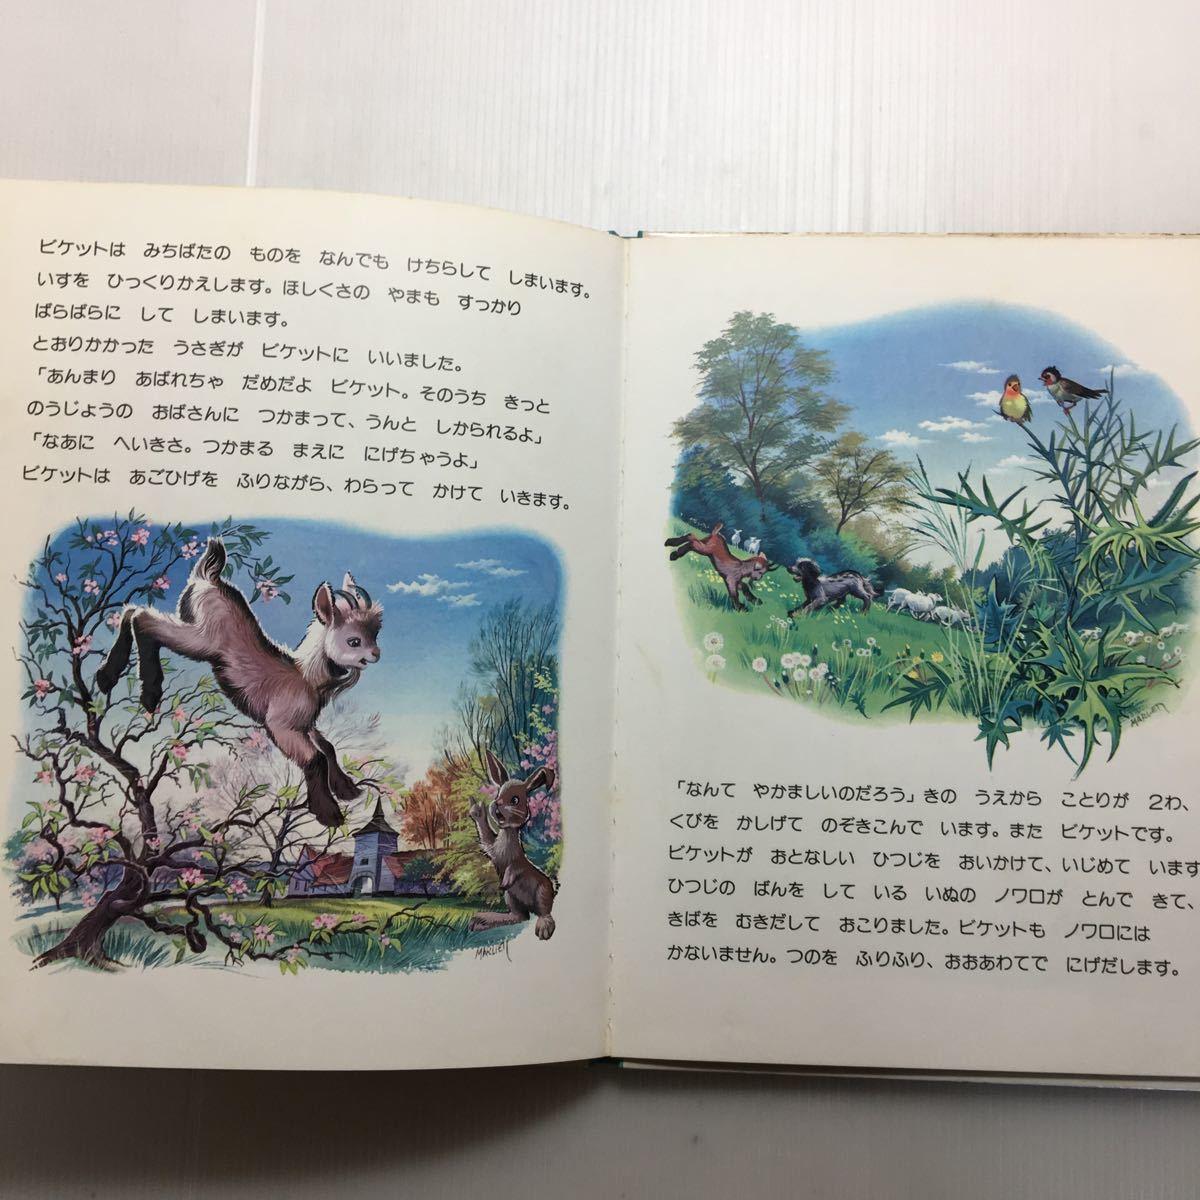 zaa-127♪あばれんぼうのこやぎのビケット<ファランドールえほん4>マルセル・マルリエ 中古絵本 <昭和54年>1979ねん